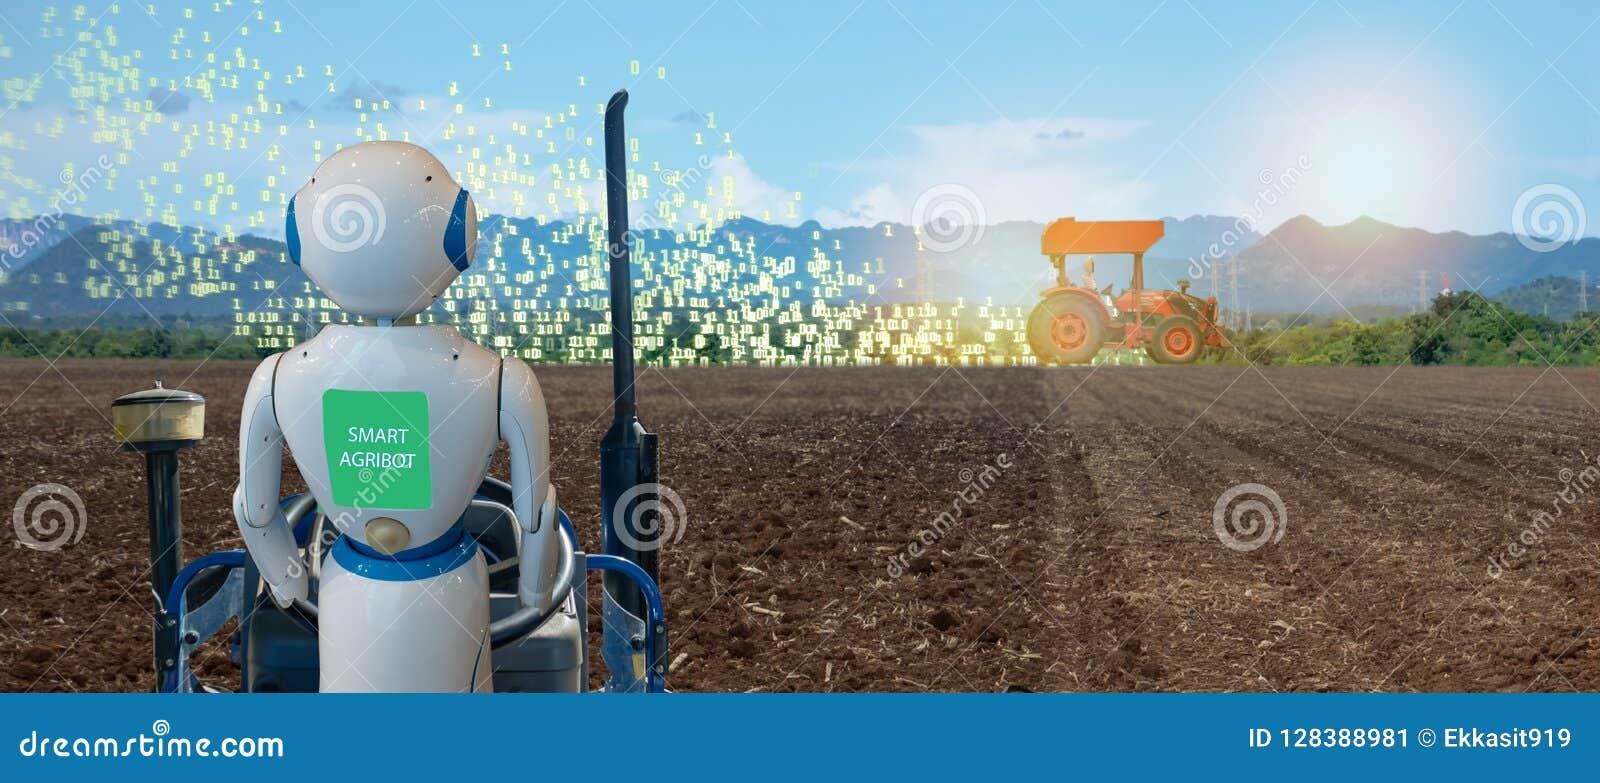 Cultivo esperto de Iot, agricultura na indústria 4 0 tecnologias com conceito da inteligência artificial e da aprendizagem de máq